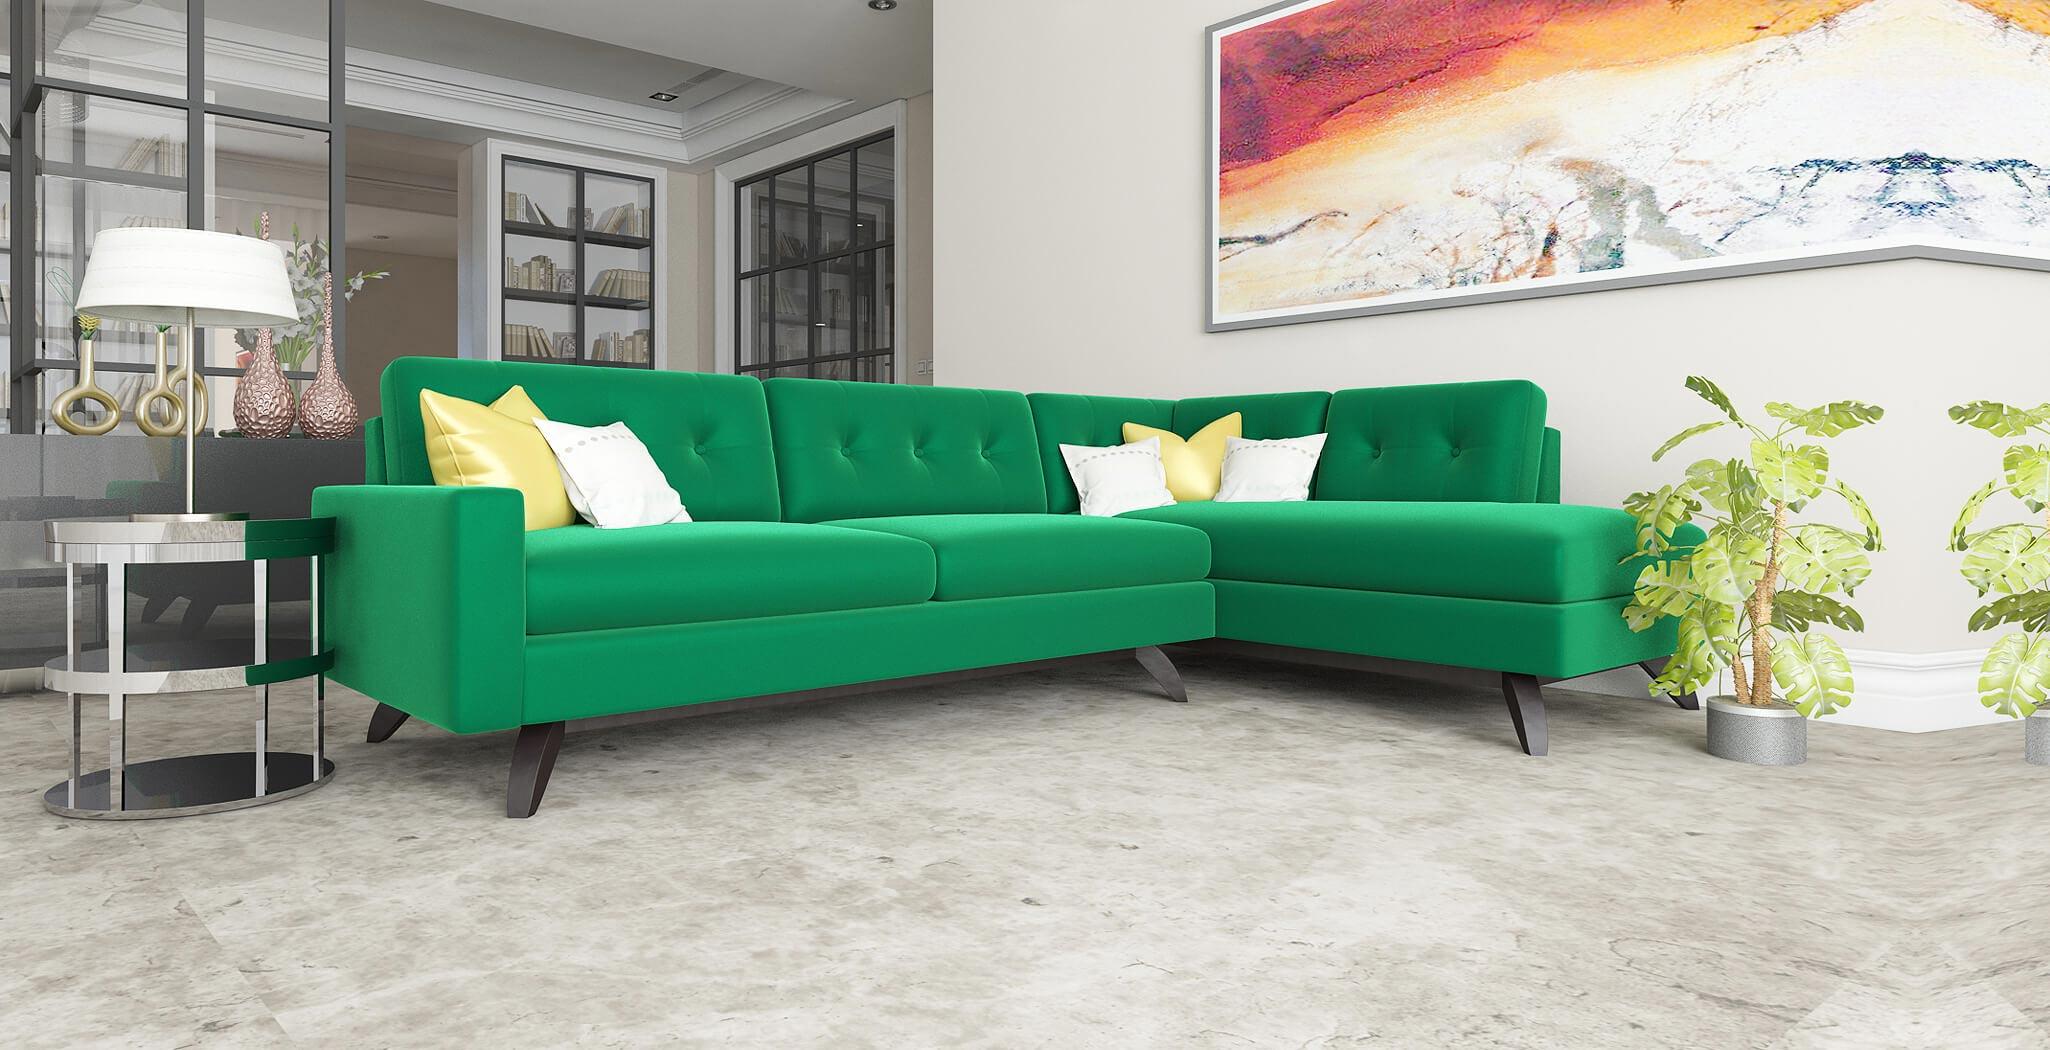 milan panel furniture gallery 5